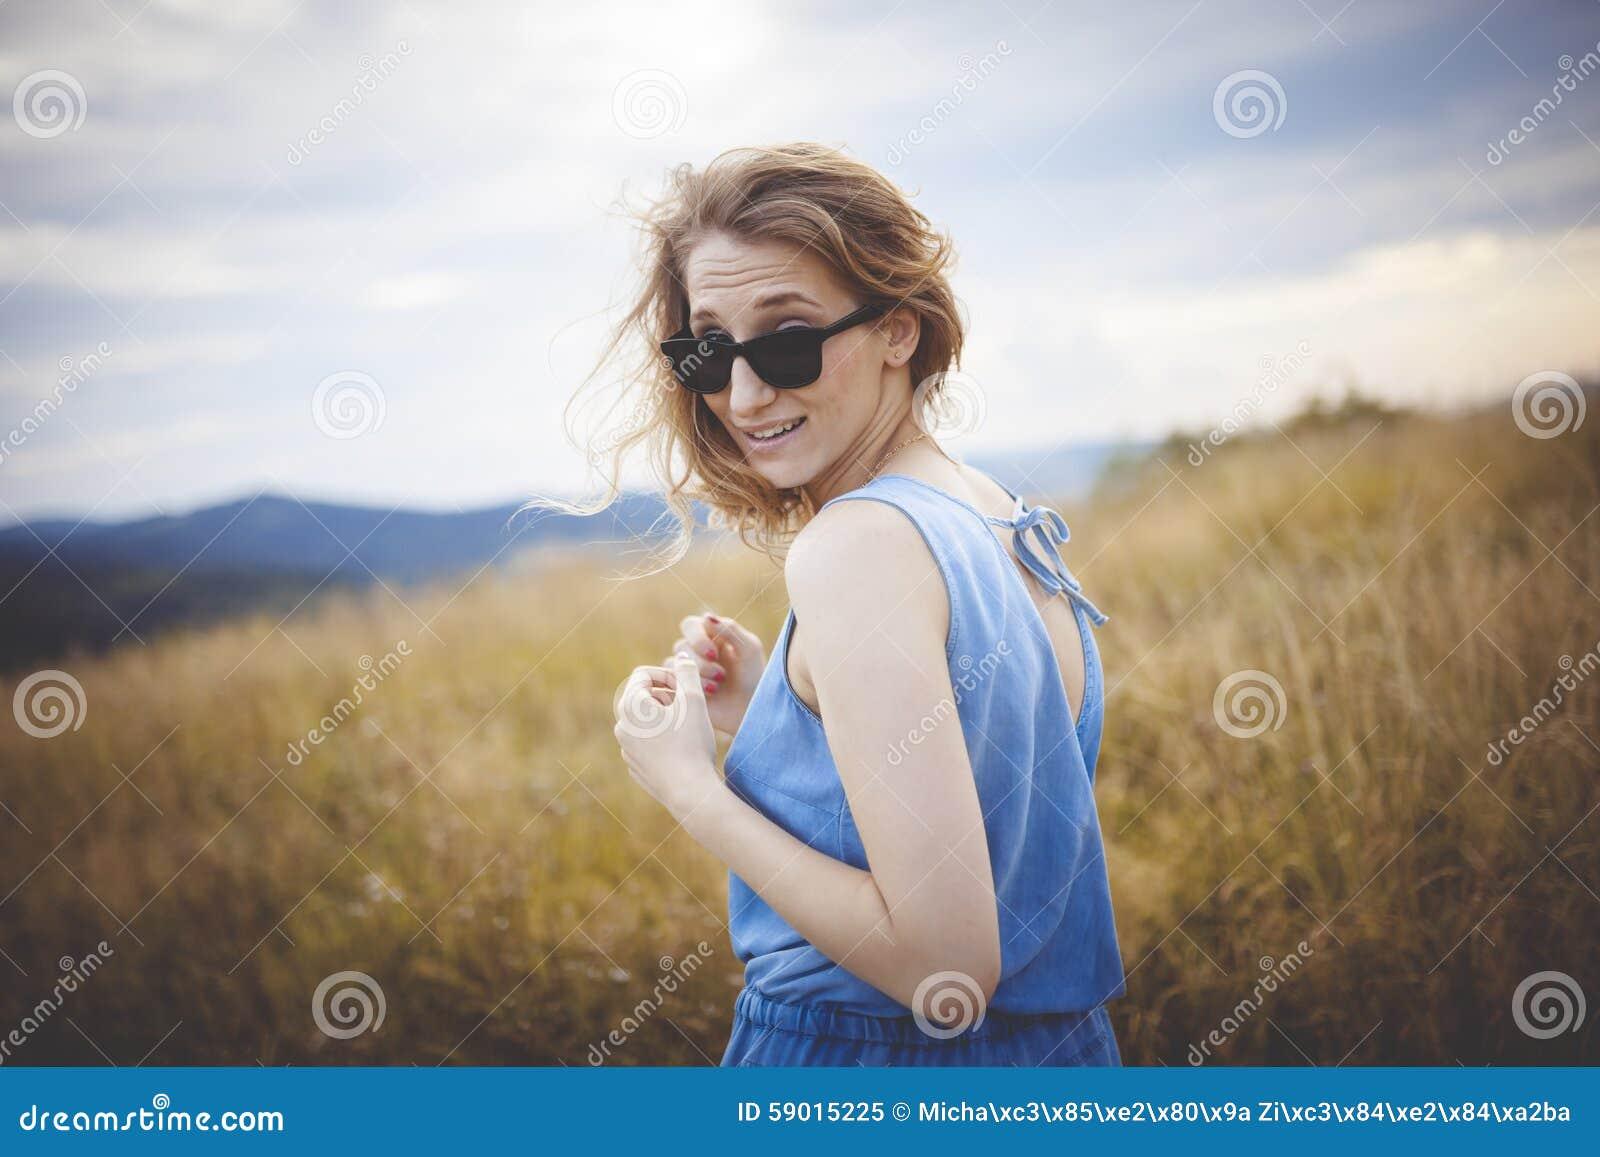 Belle jeune femme posant sur un pré